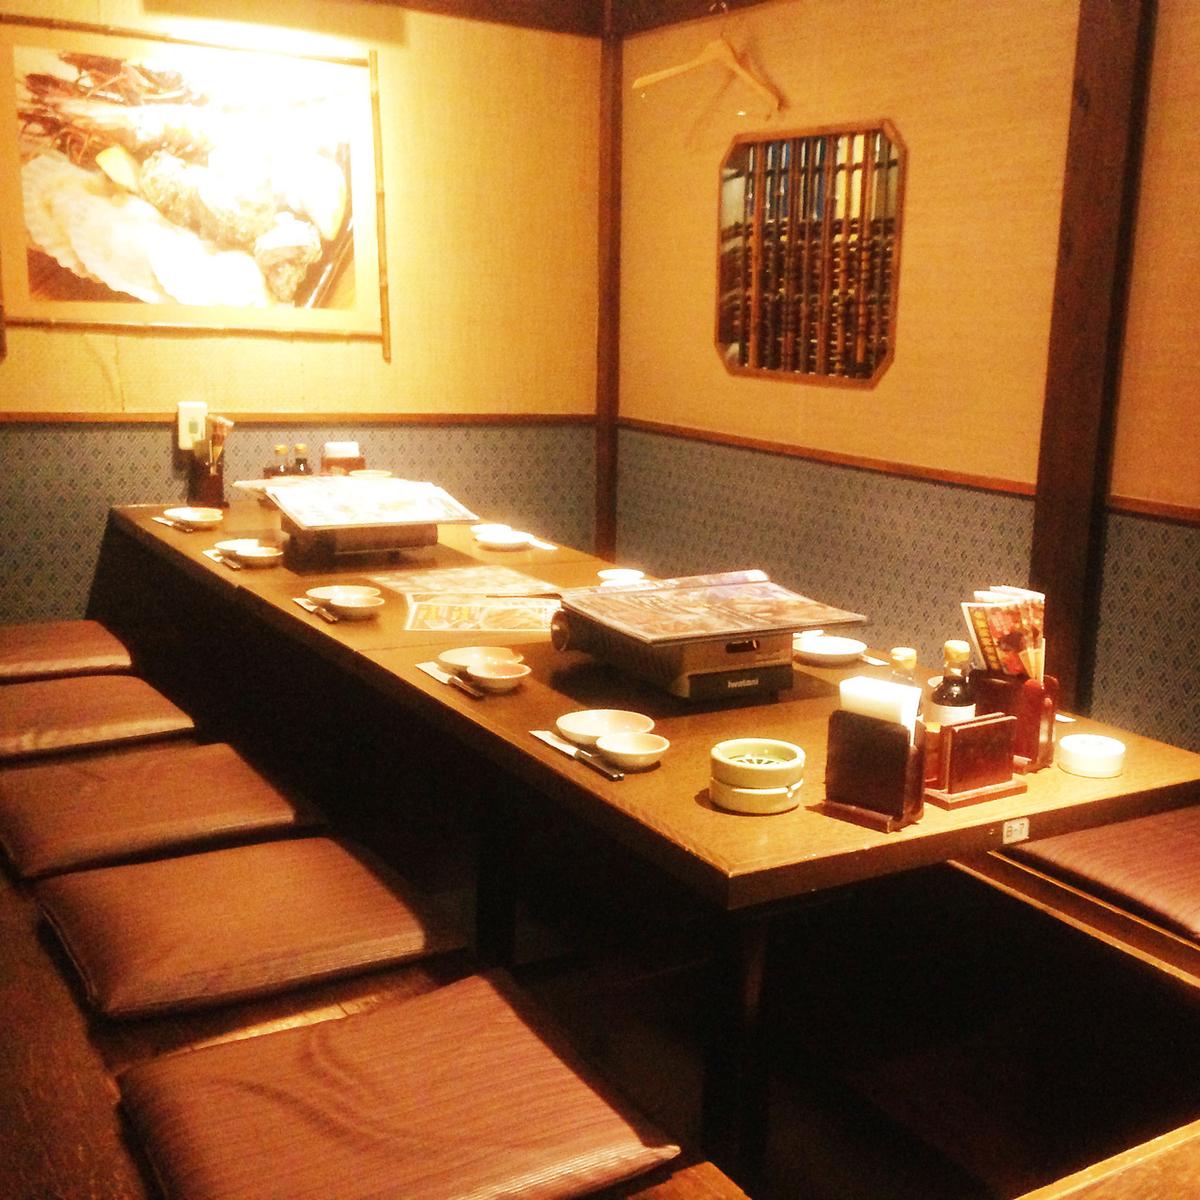 Digging tatami mat room